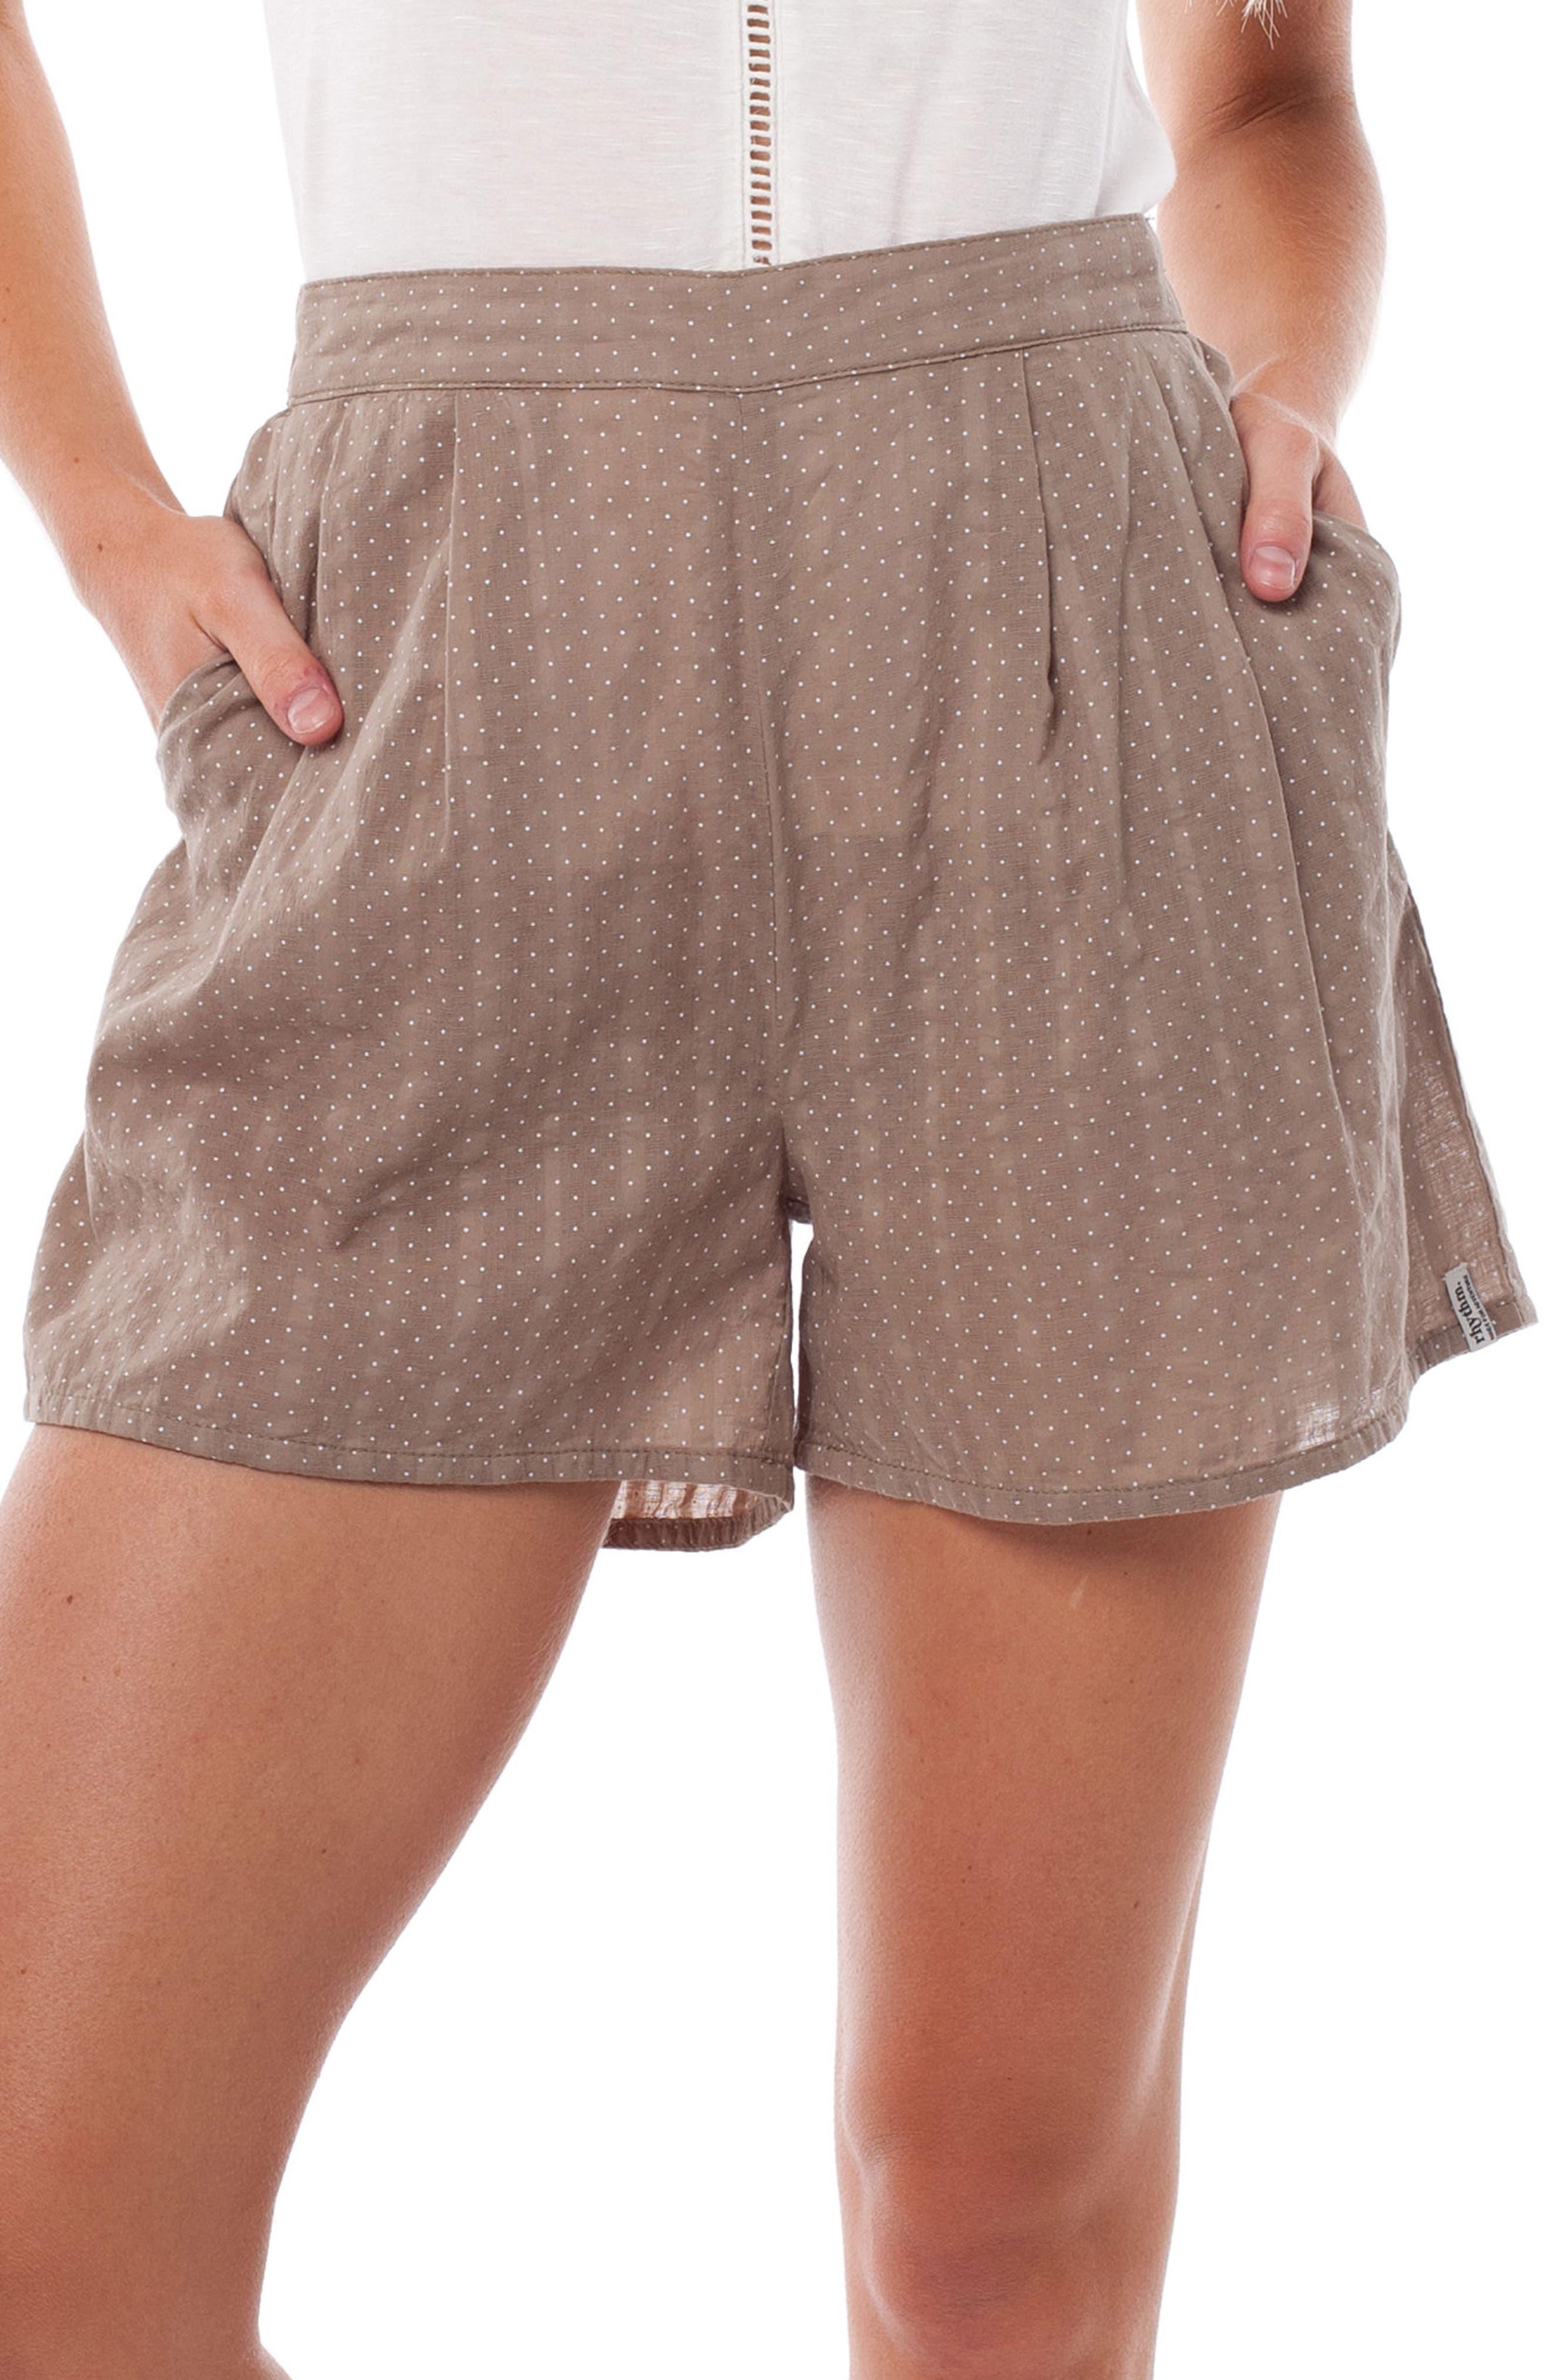 Messina Cover-Up Shorts,                             Main thumbnail 1, color,                             Chai